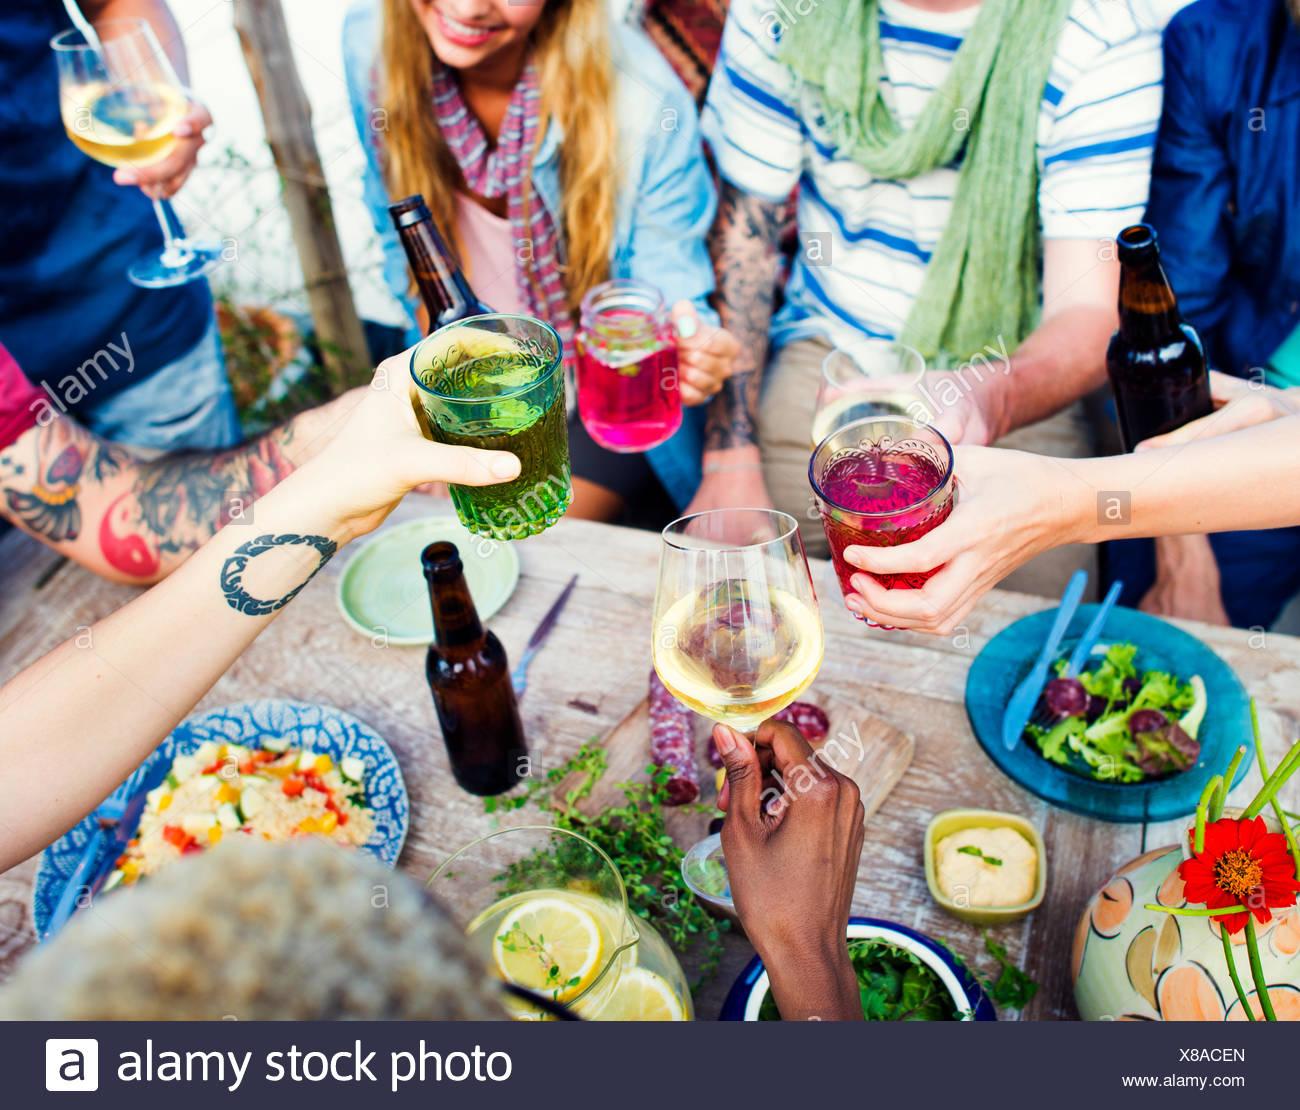 Diversité ethnique de l'Amitié Partie Concept Bonheur Loisirs Photo Stock